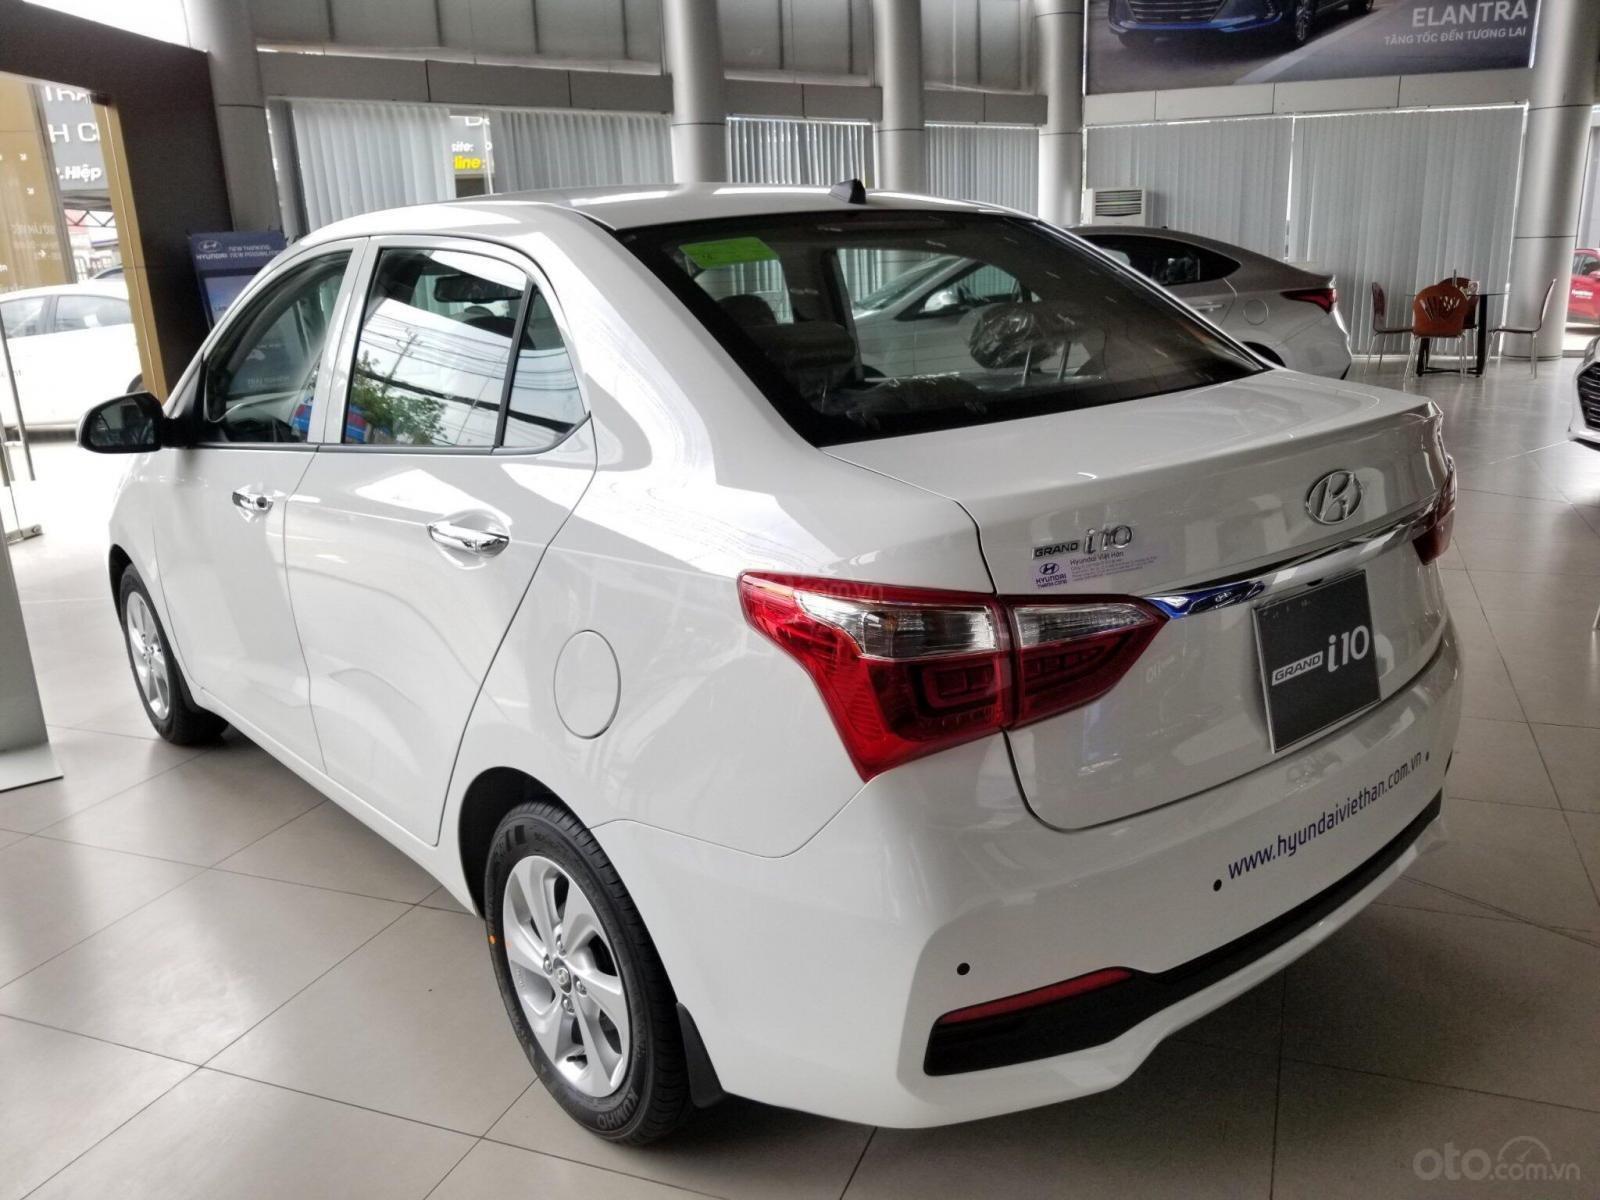 Hyundai I10 giá giảm hết ga - thả ga mua xe - chỉ còn 2 tháng hỗ trợ 50% thuế trước bạ - hỗ trợ ĐK grab (5)